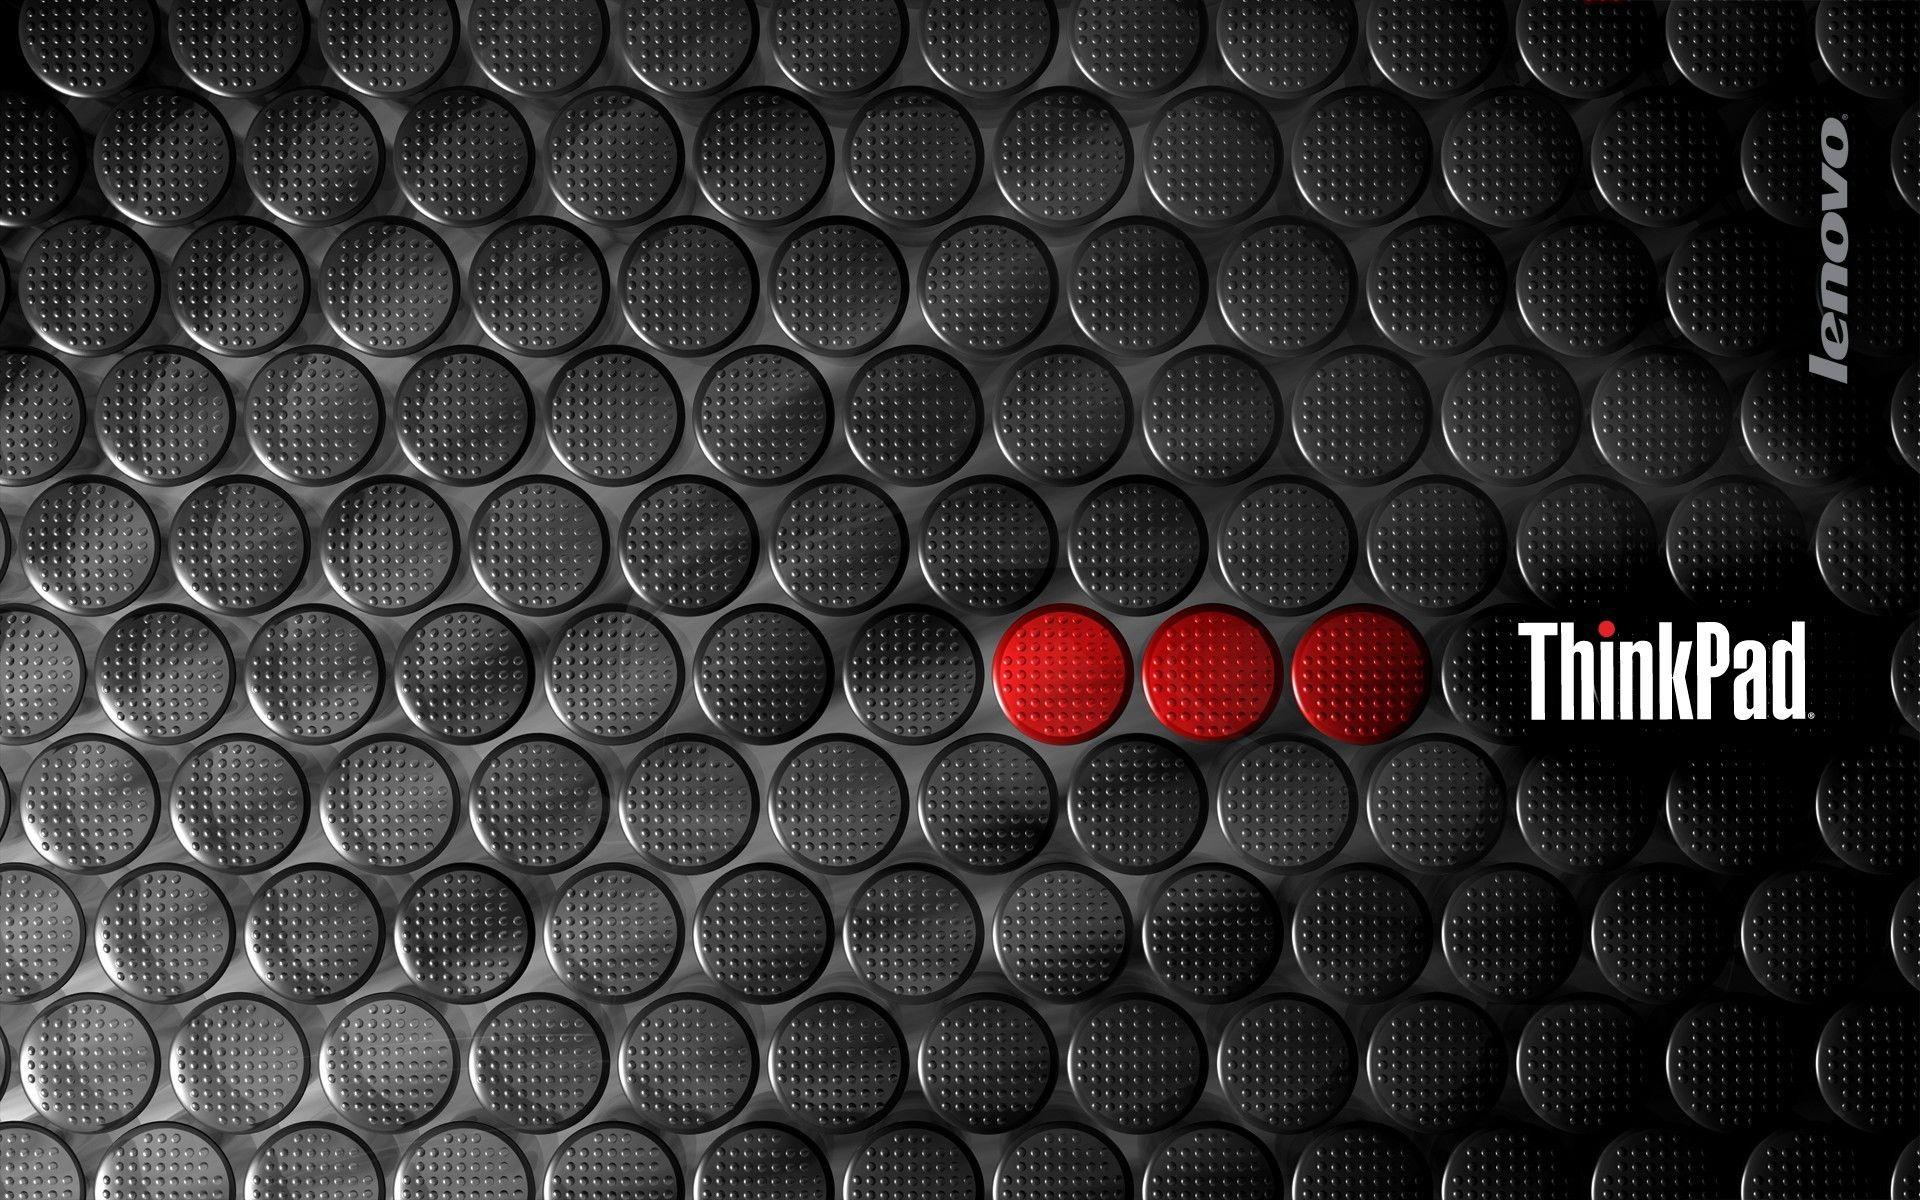 1920x1200 Lenovo Thinkpad 0 Html Code Thinkpad Wallpaper Black Slanted 1920x1080 Lenovo Thinkpad Lenovo Wallpapers Lenovo